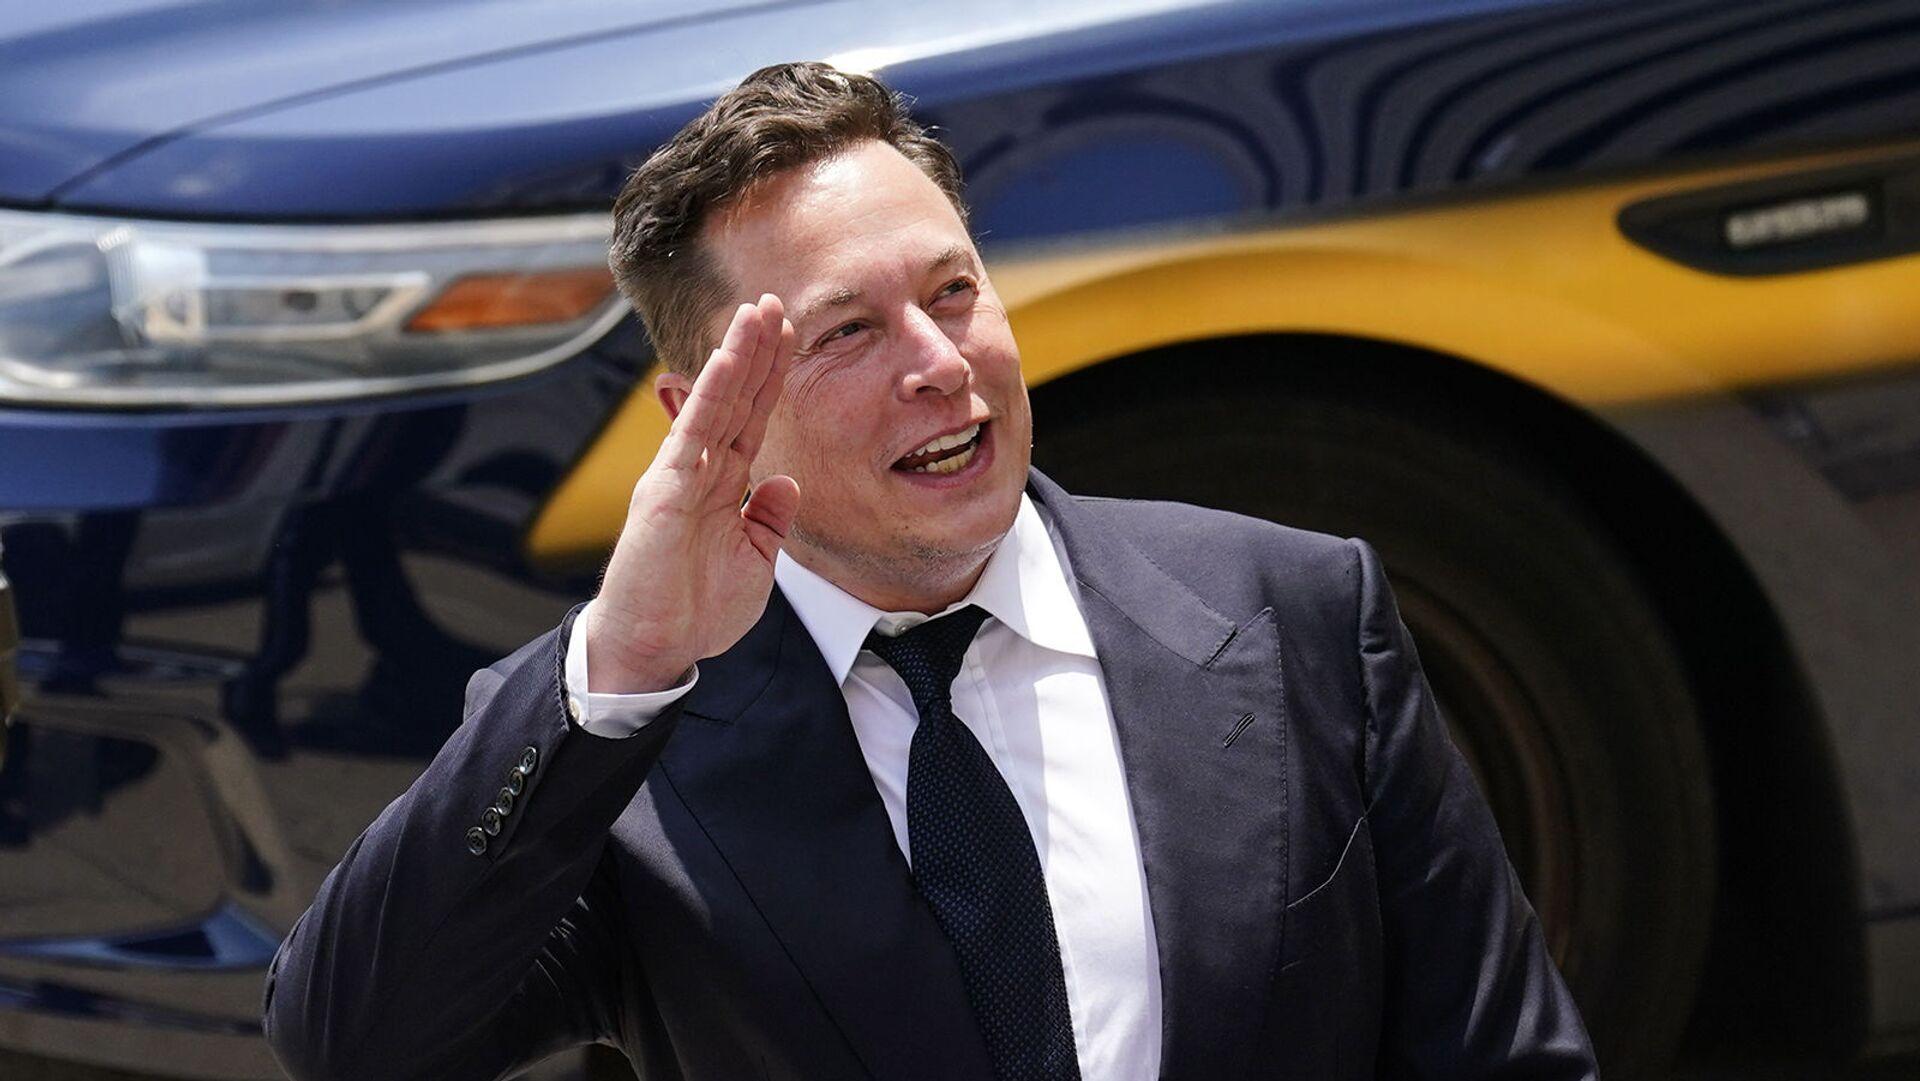 Генеральный директор SpaceX и Tesla Motors Илон Маск приветствует поклонников при выходе из центра правосудия (12 июля 2021). Уилмингтон - Sputnik Грузия, 1920, 27.09.2021